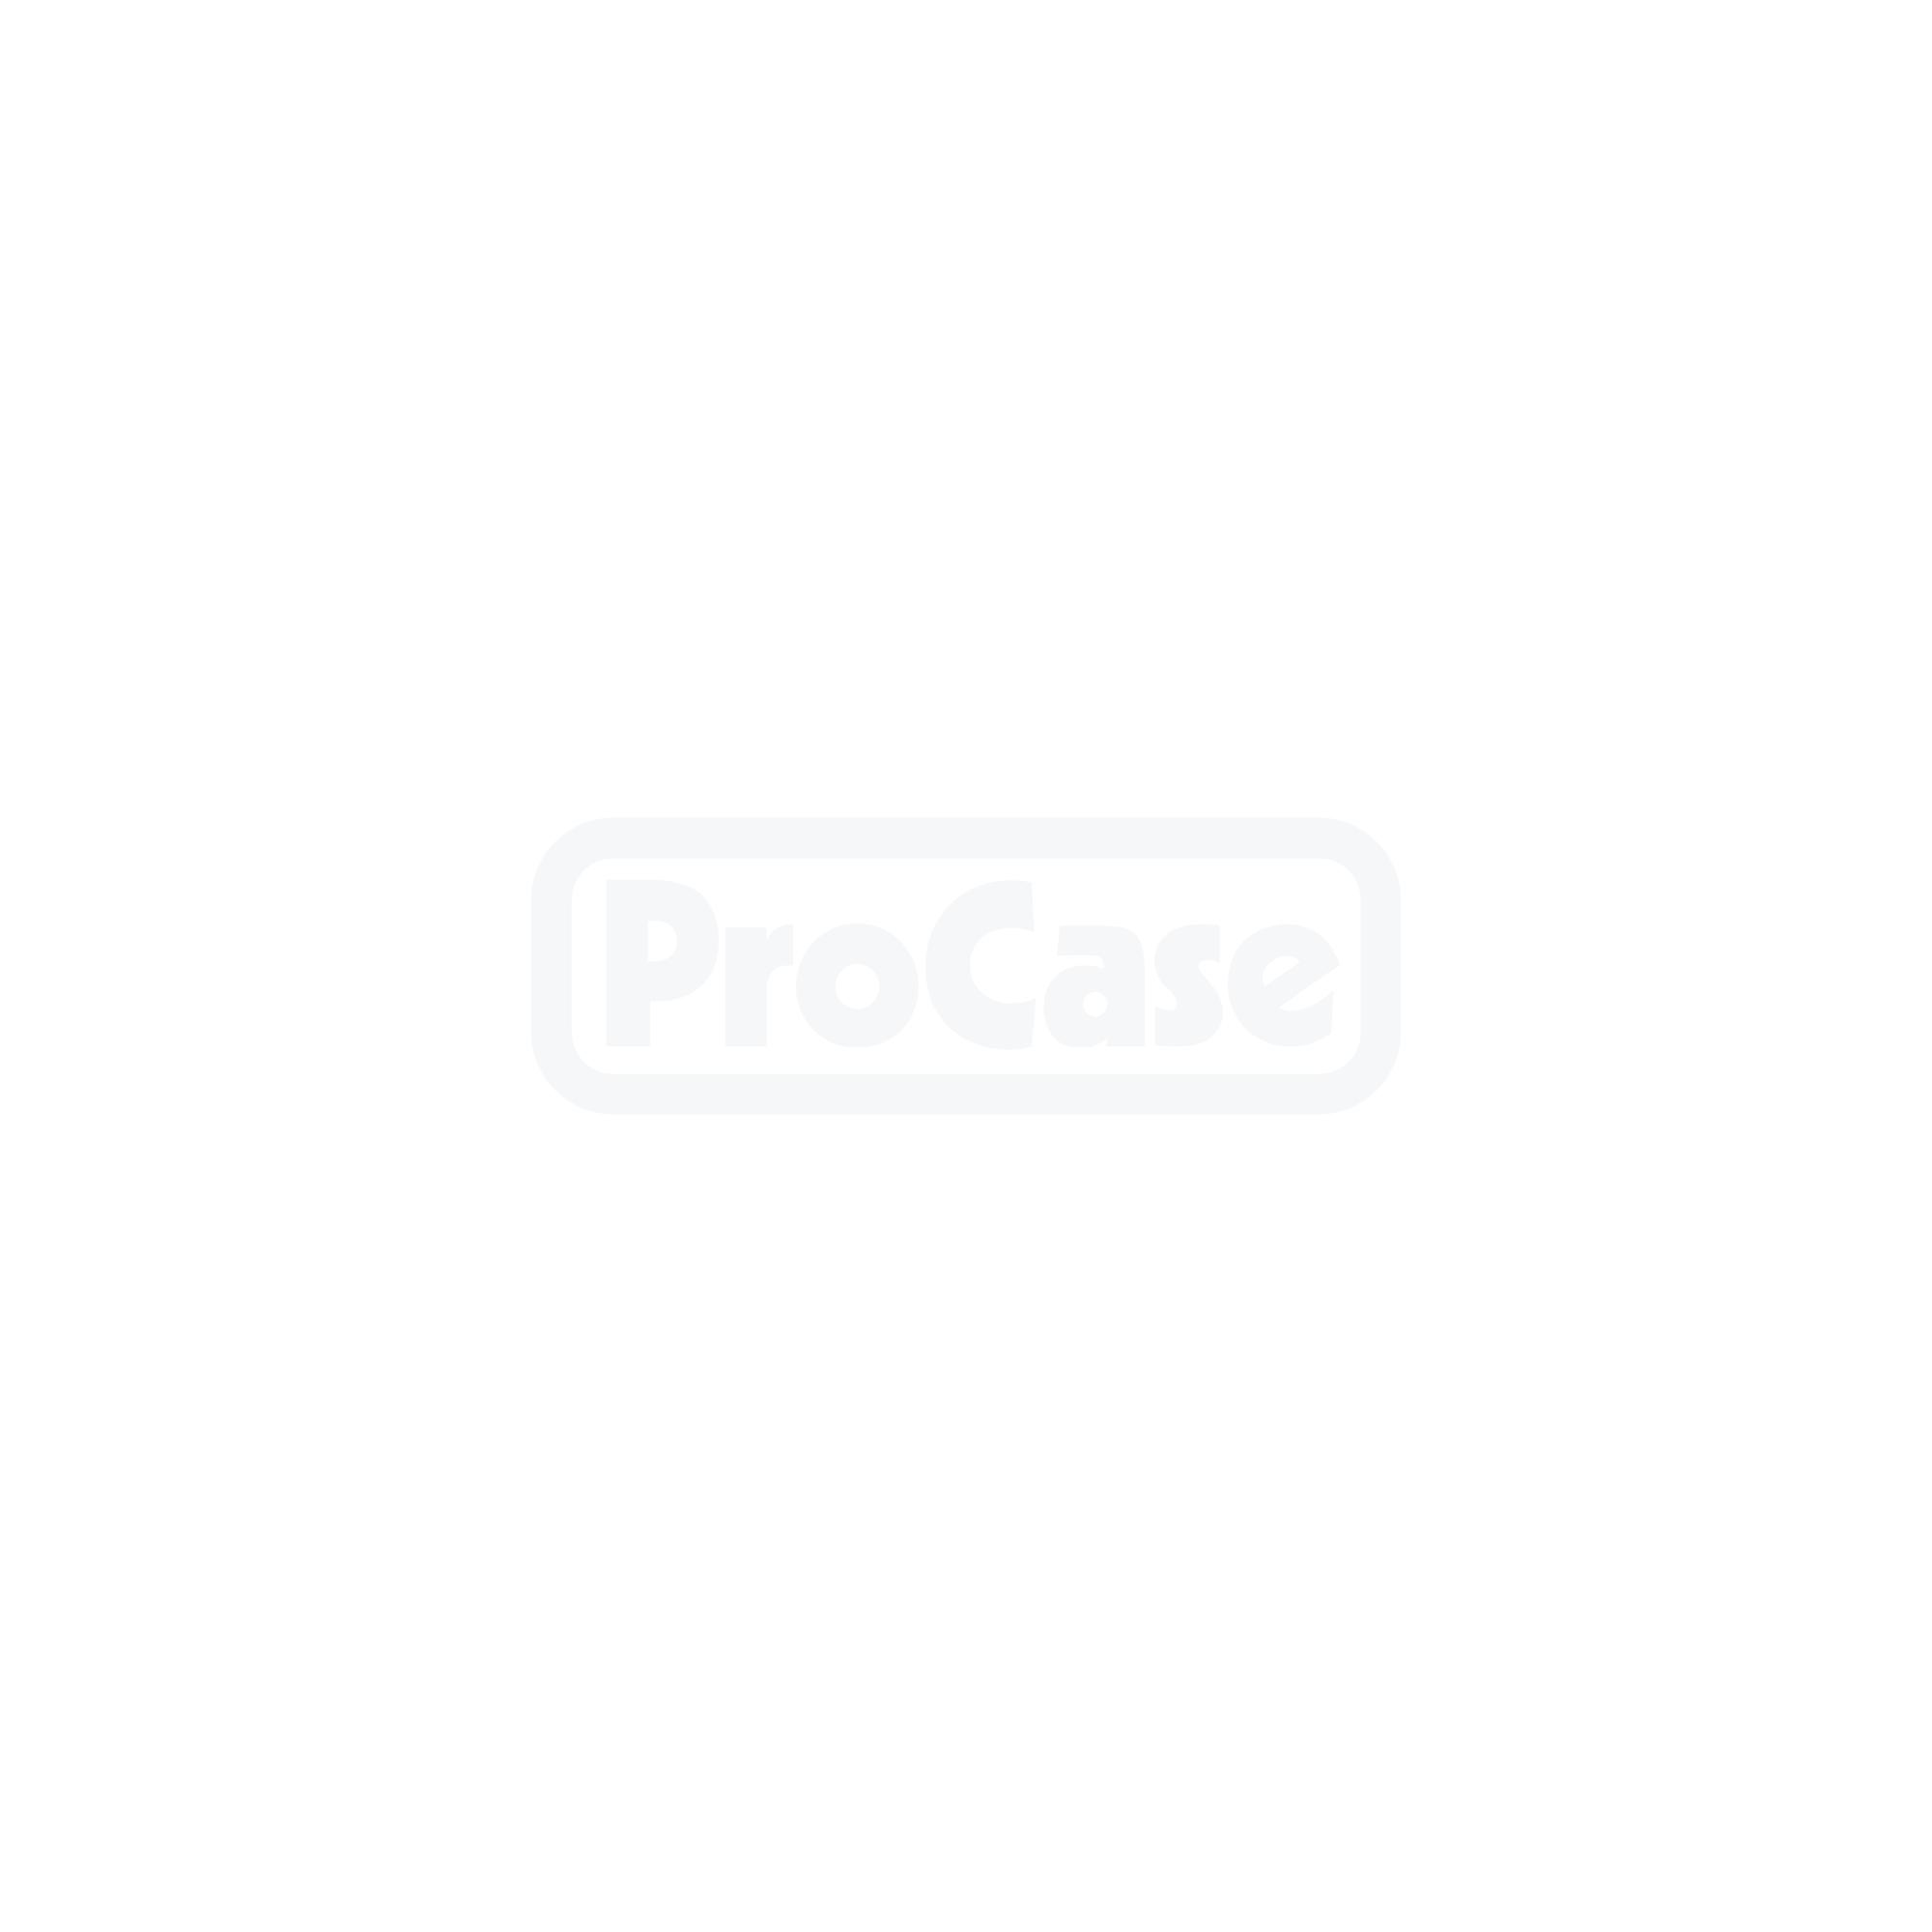 QSD-Rack 16HE 600 mm tief 2